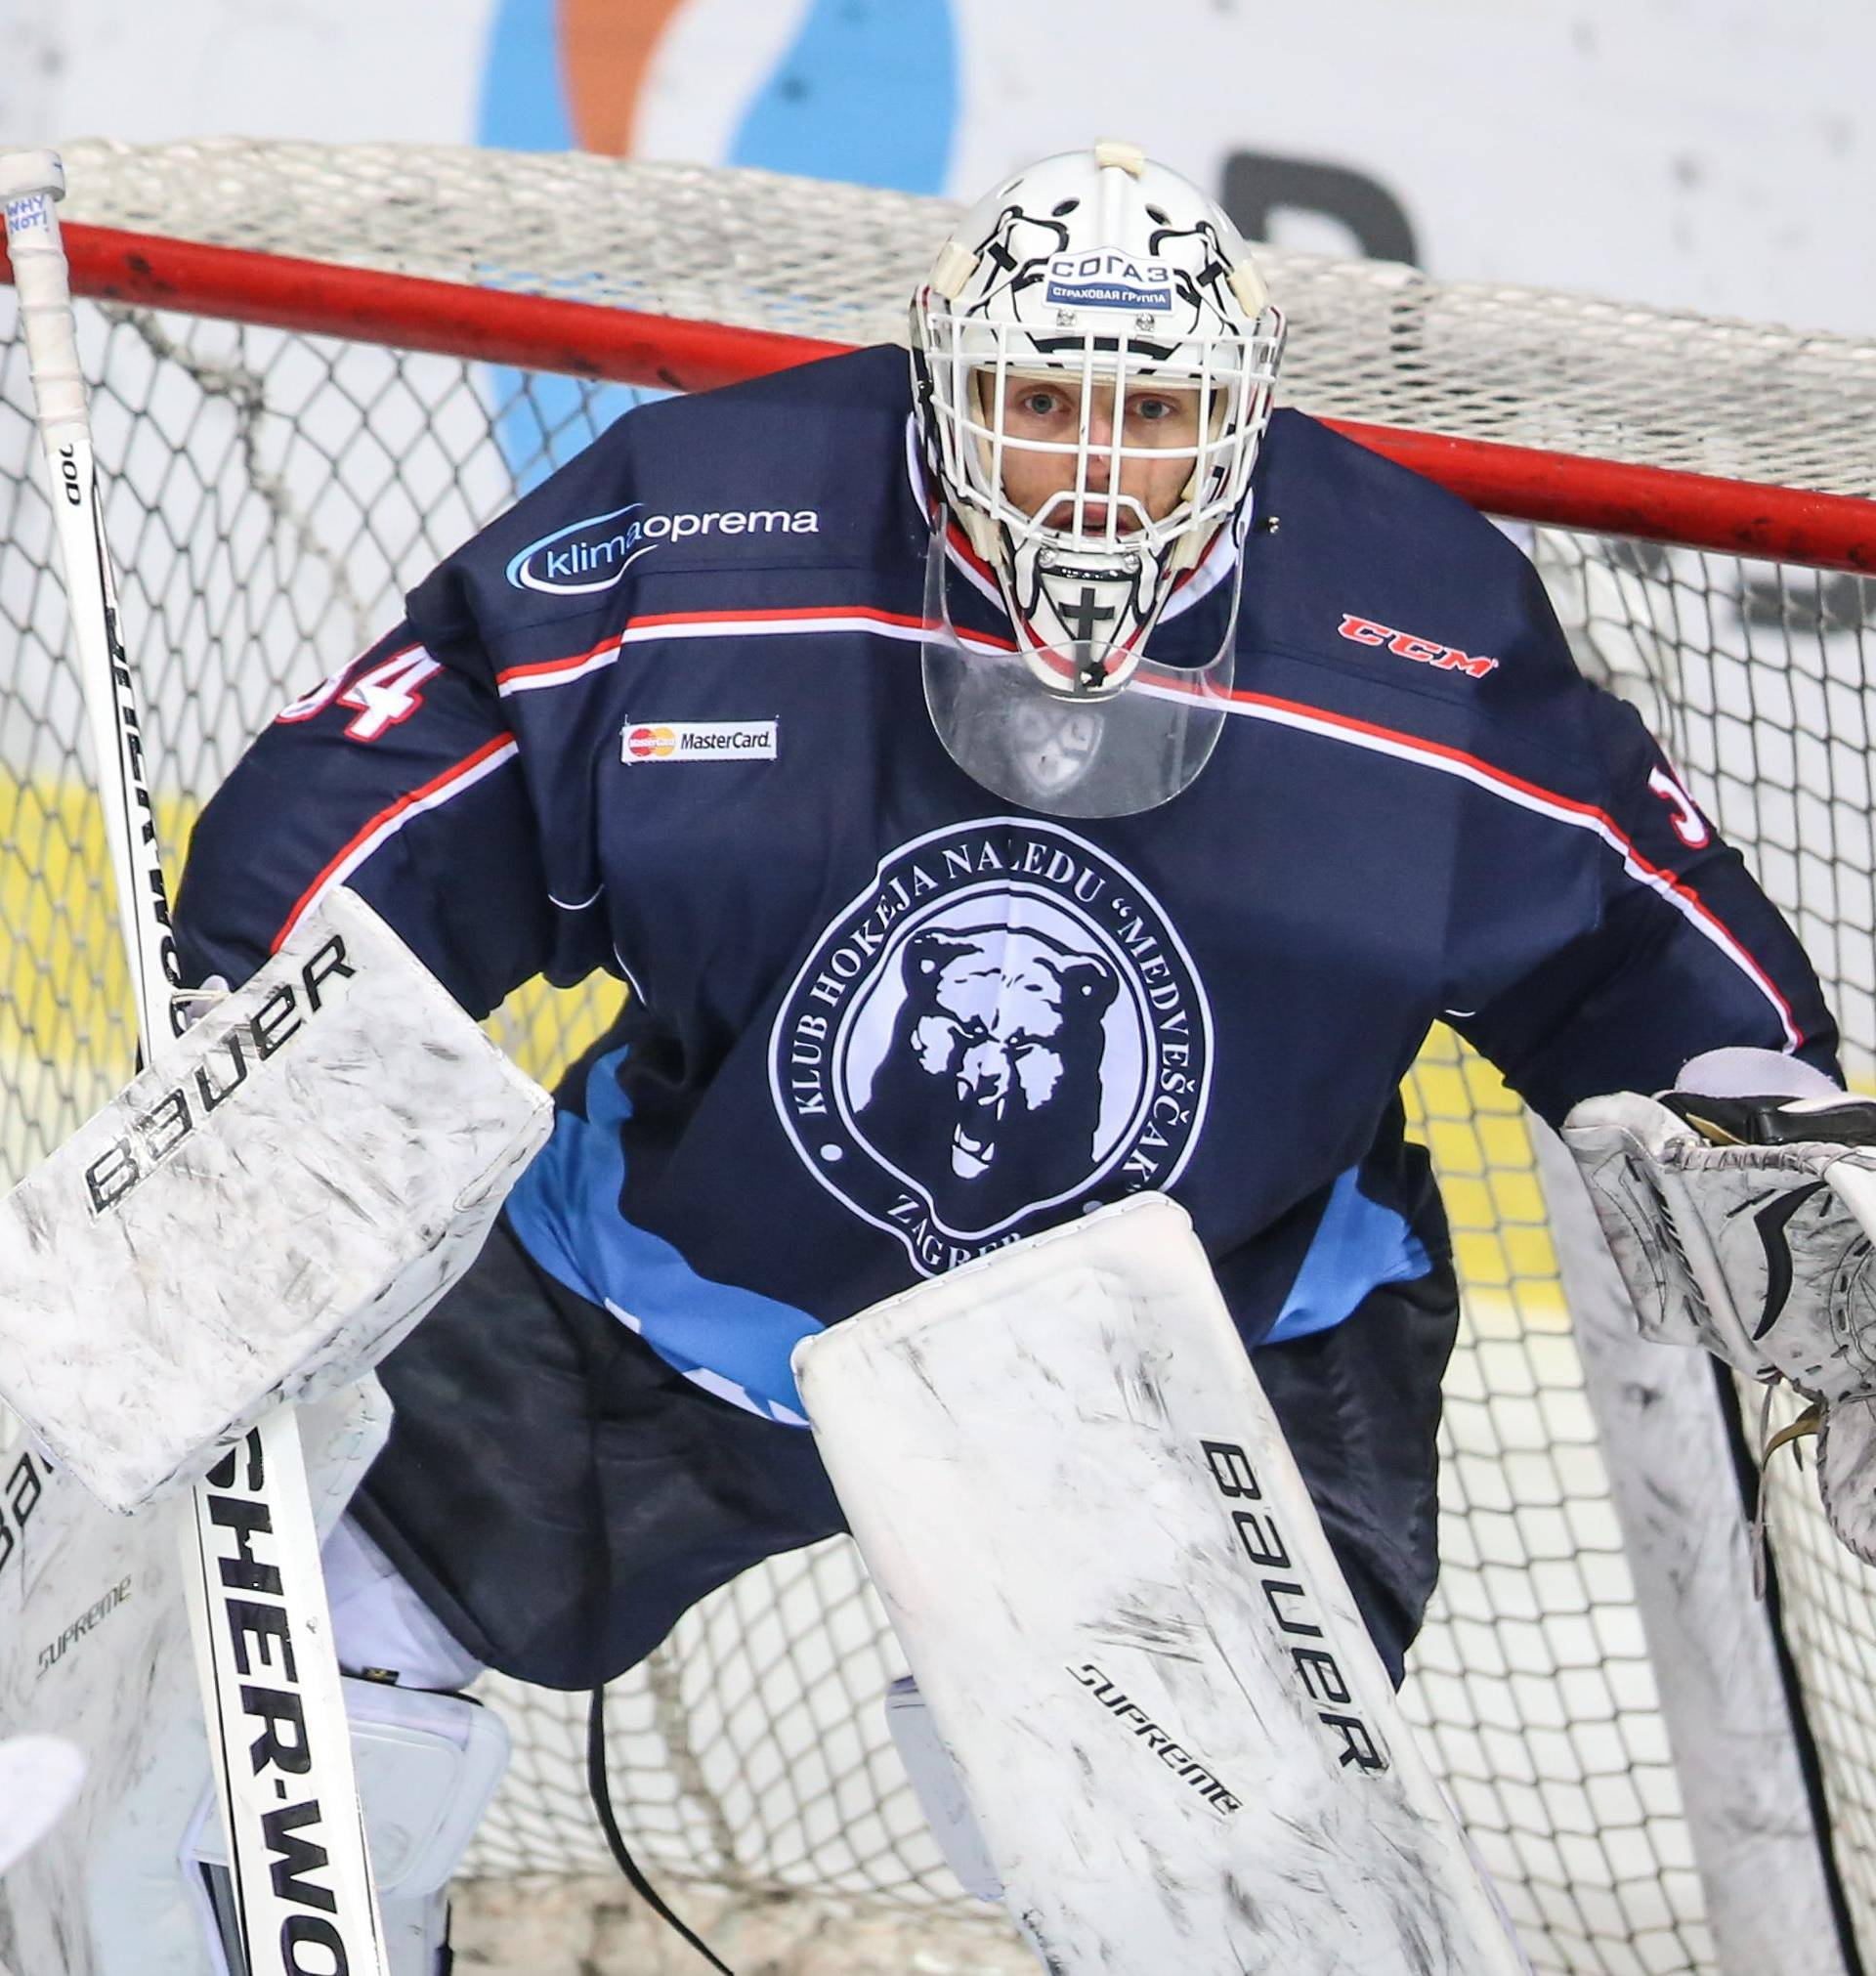 KHL Medvescak - Metallurg Novokuznetsk